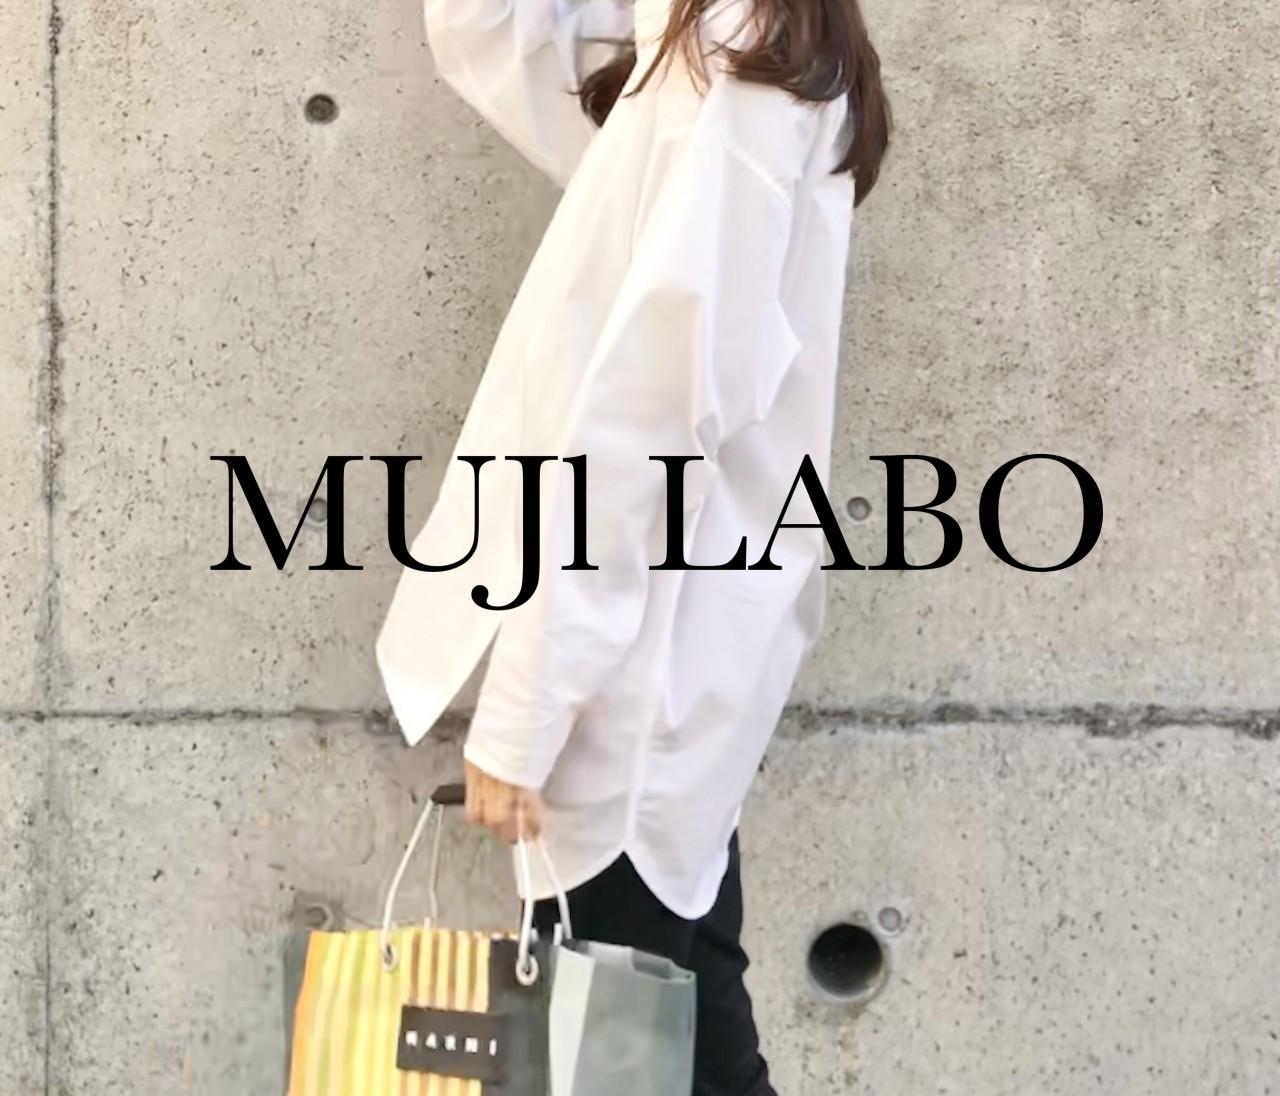 【無印×ユニクロ×ZARA】30代のリアルコーデ リモートワークにおすすめシャツ